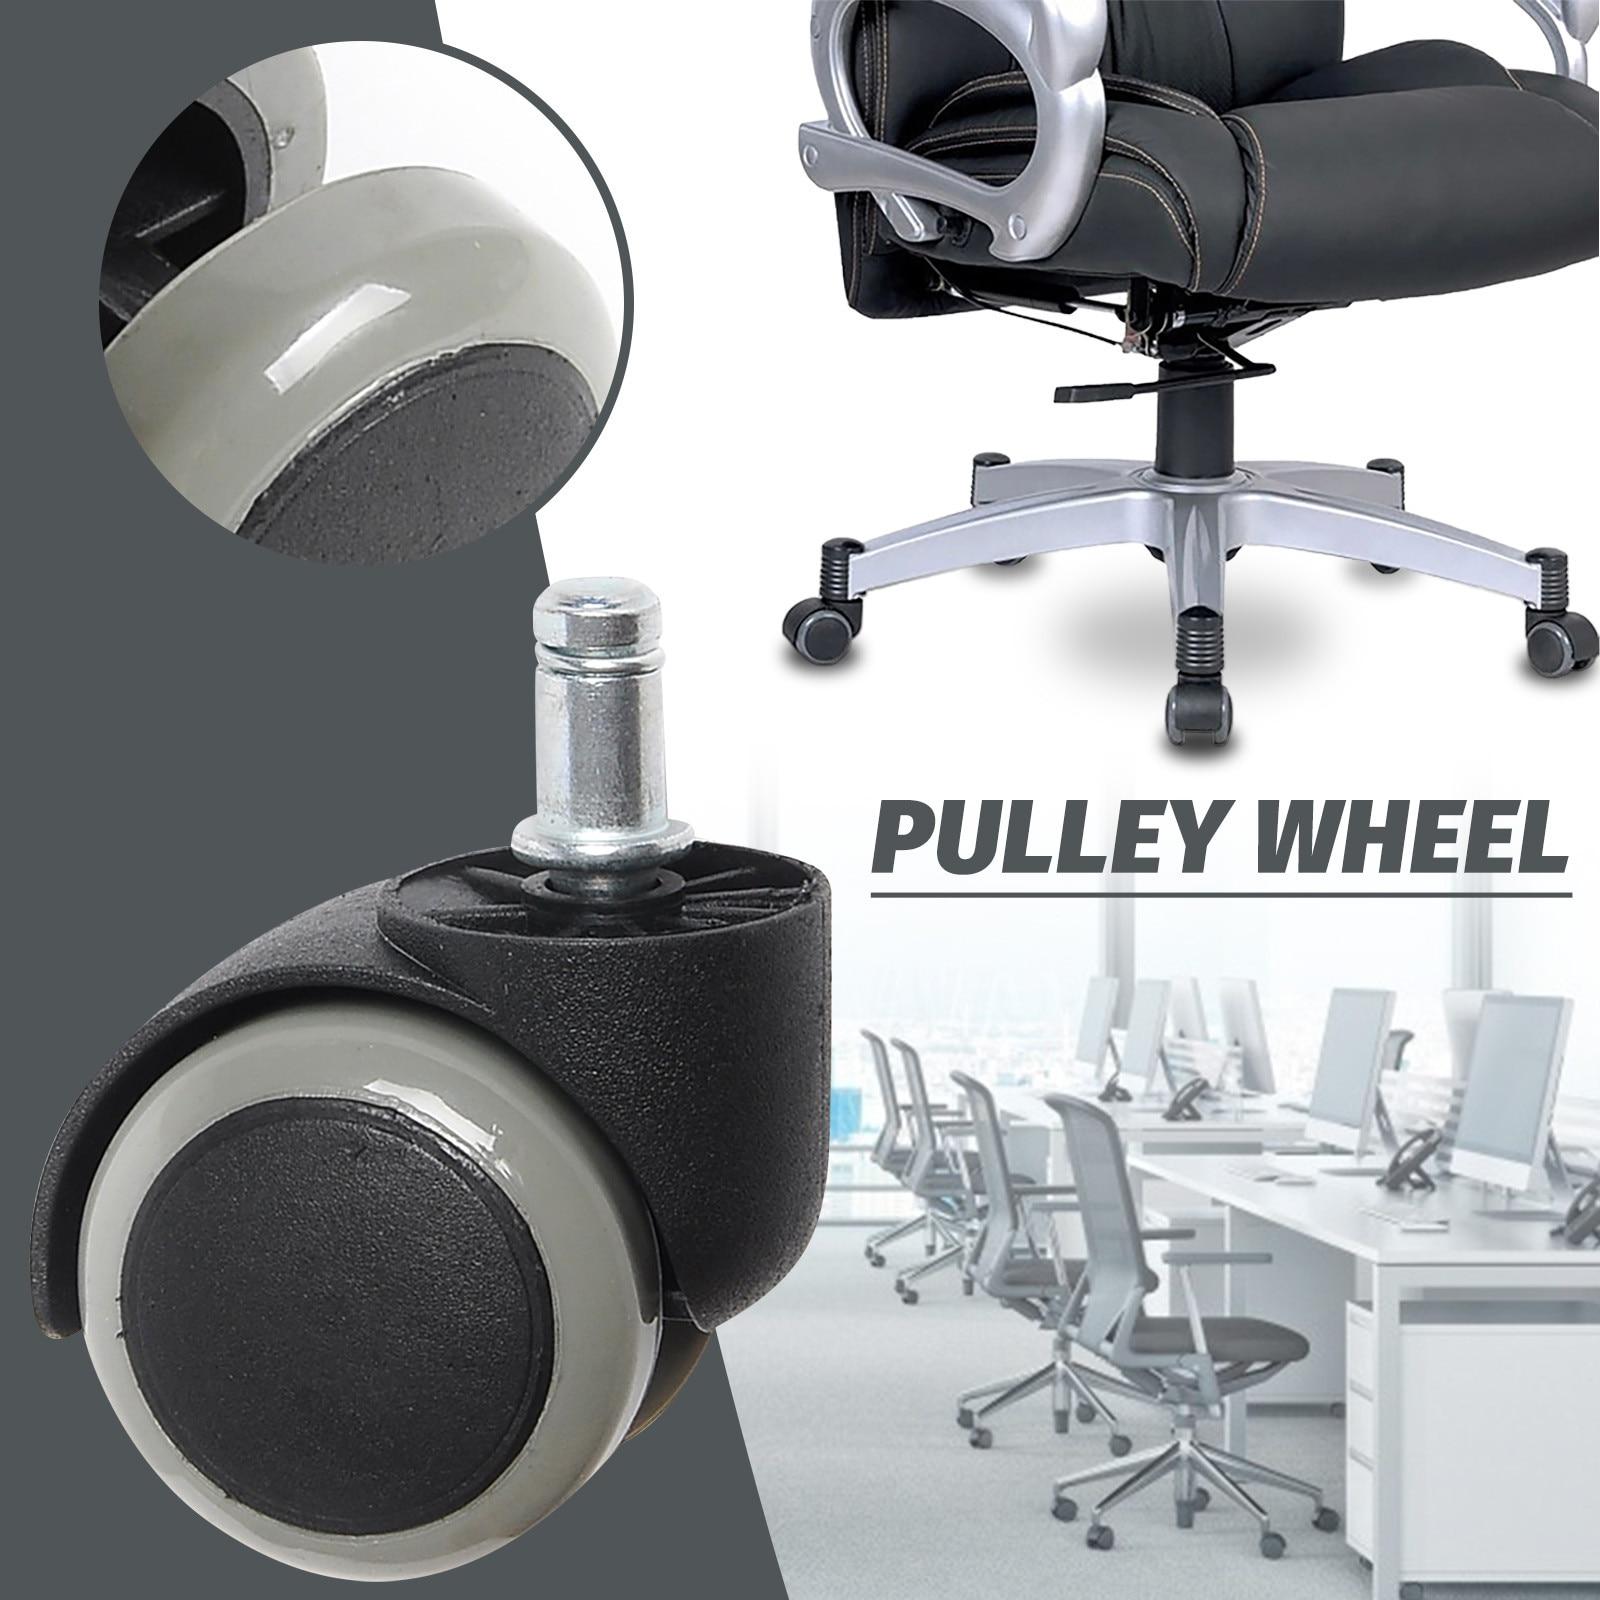 5 шт. офисный стул на колесиках 3 дюймов Вращающийся резиновый ролик колеса замена мягкий безопасный ролики мебельная фурнитура кухня АКС